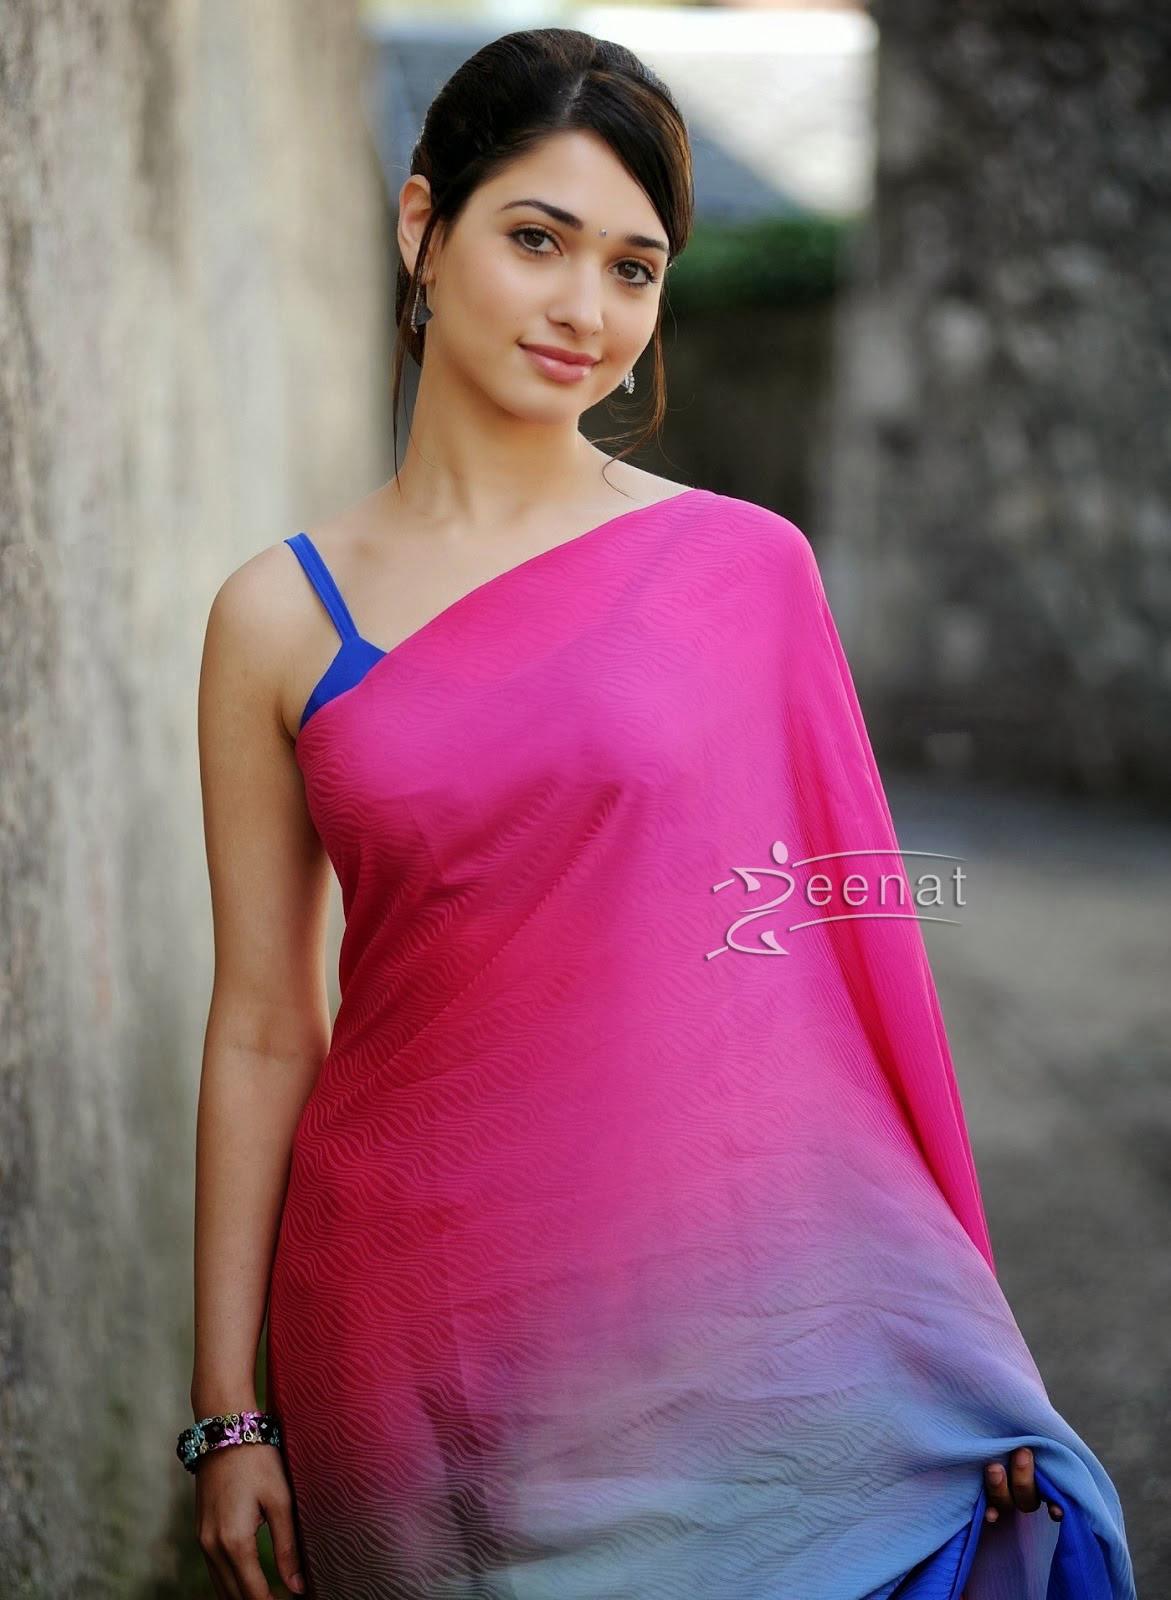 tamanna bhatia saree styles | zeenat style